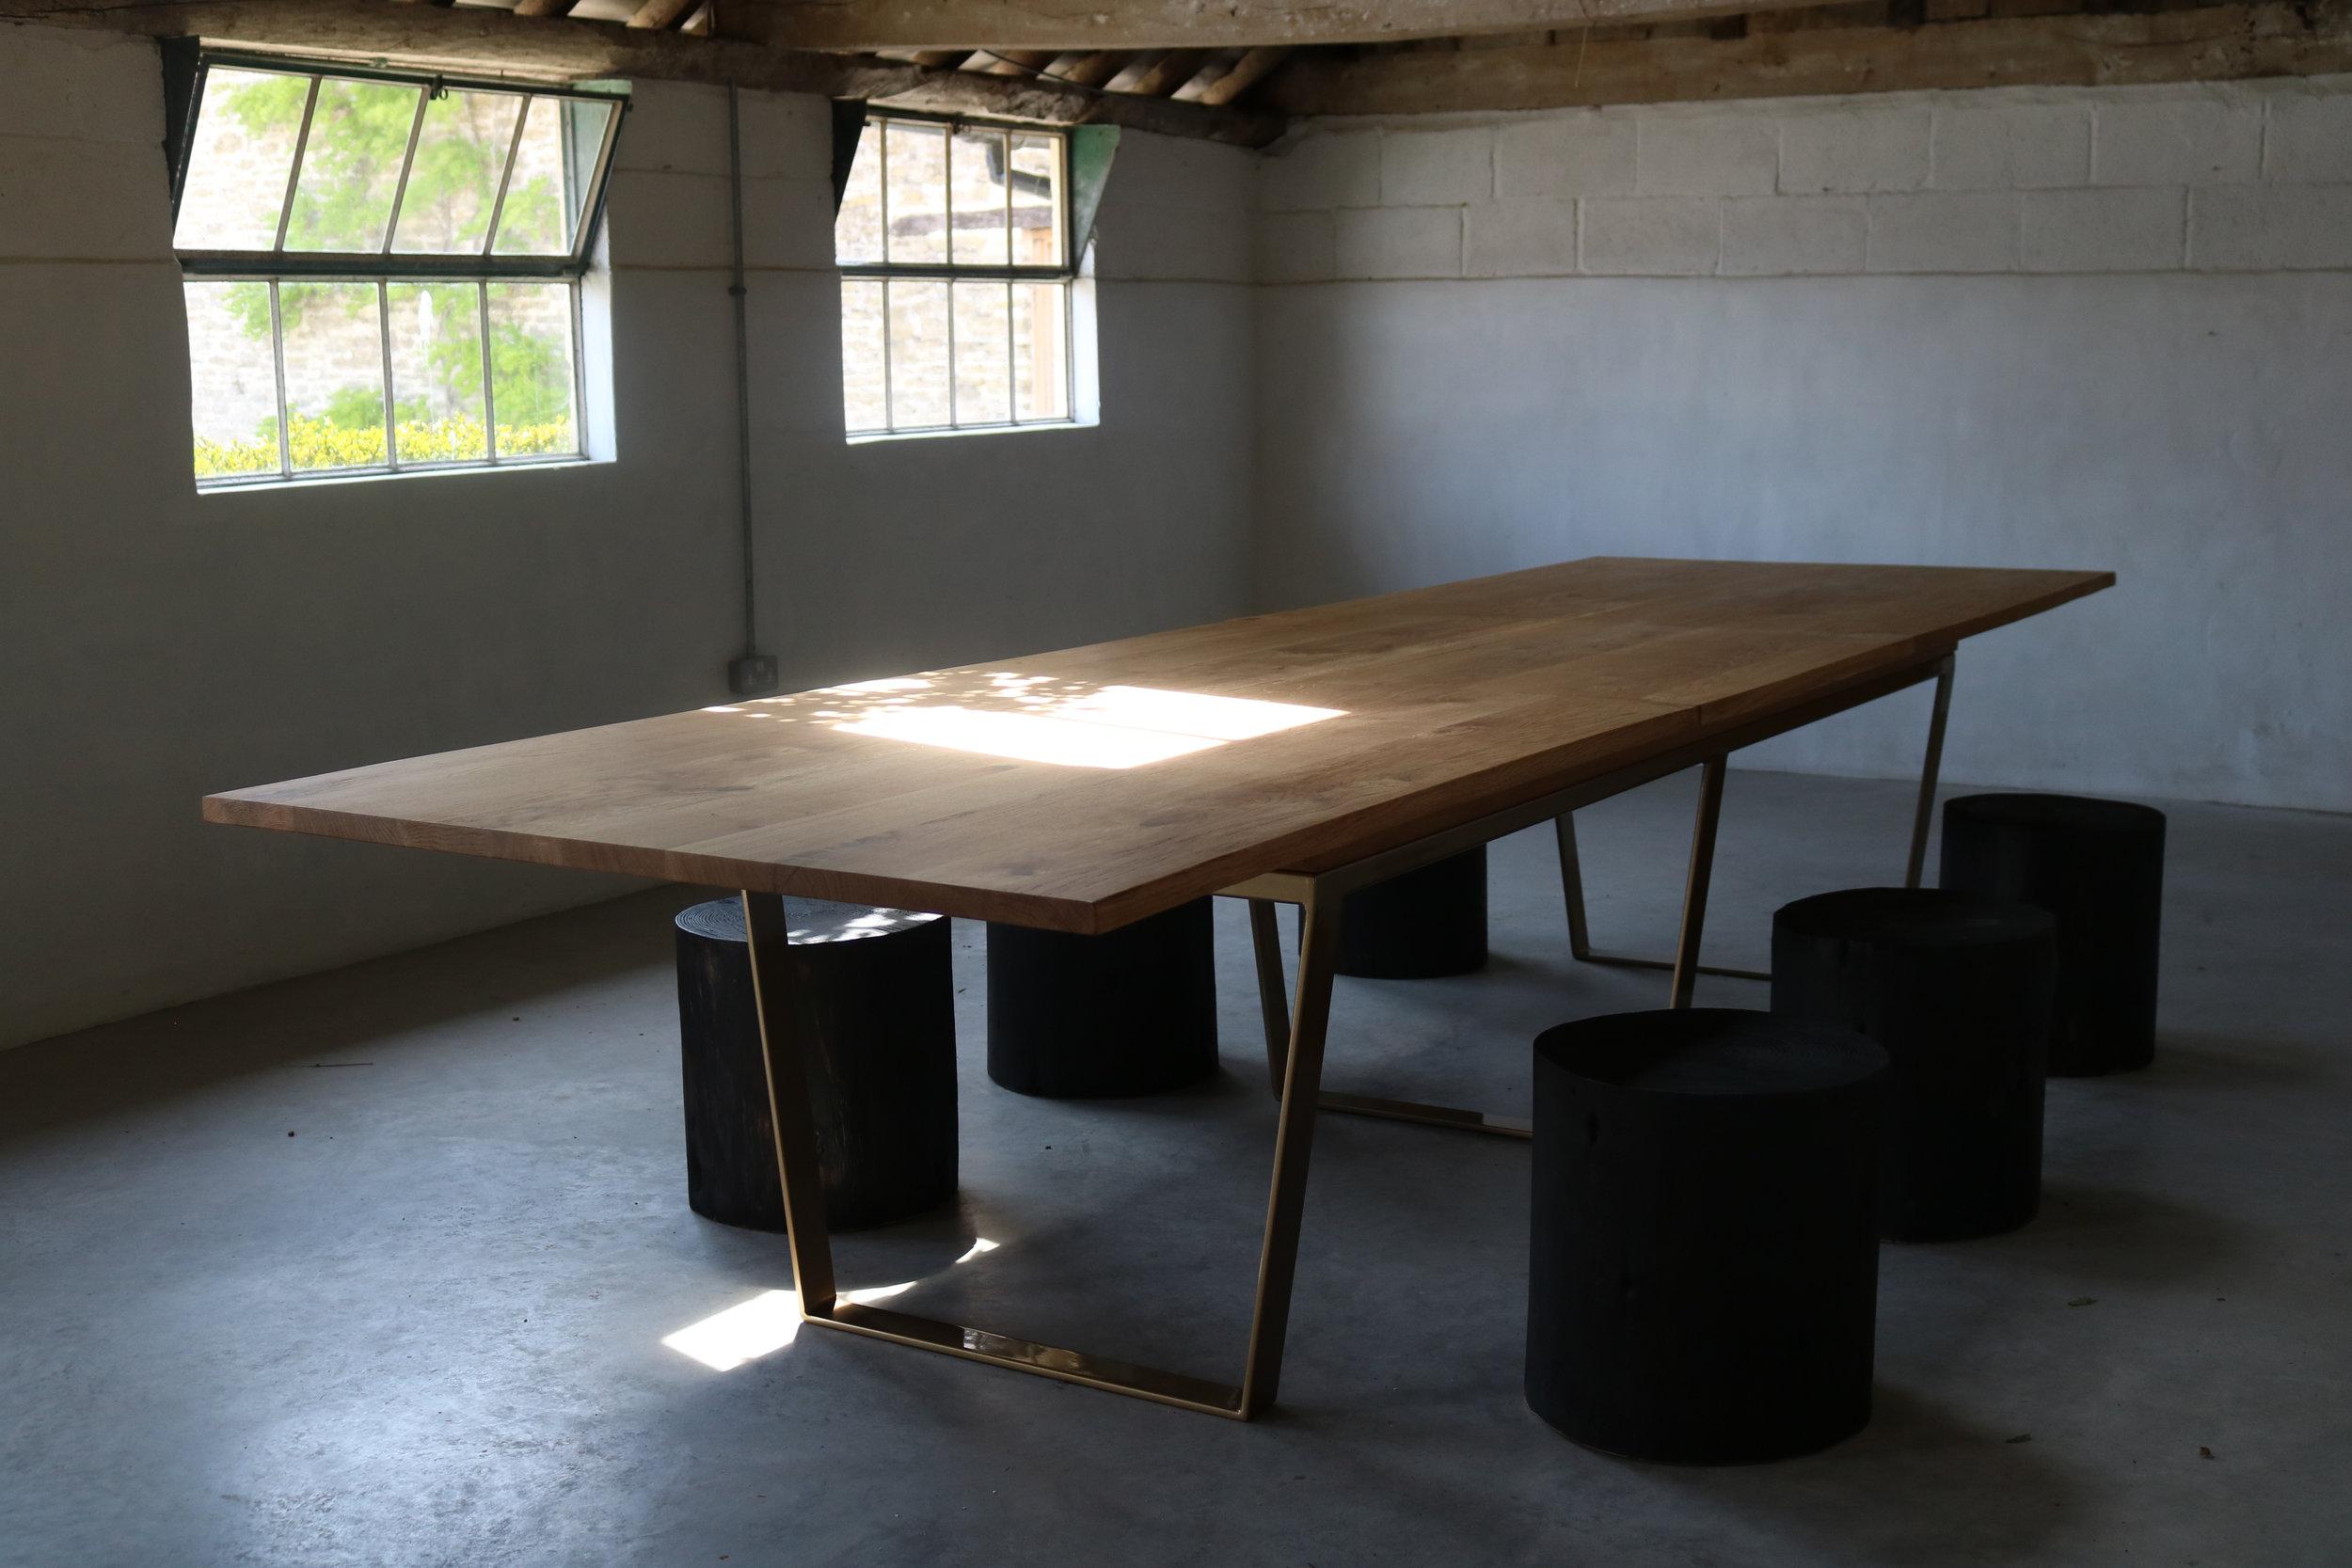 extending dining table.jpg